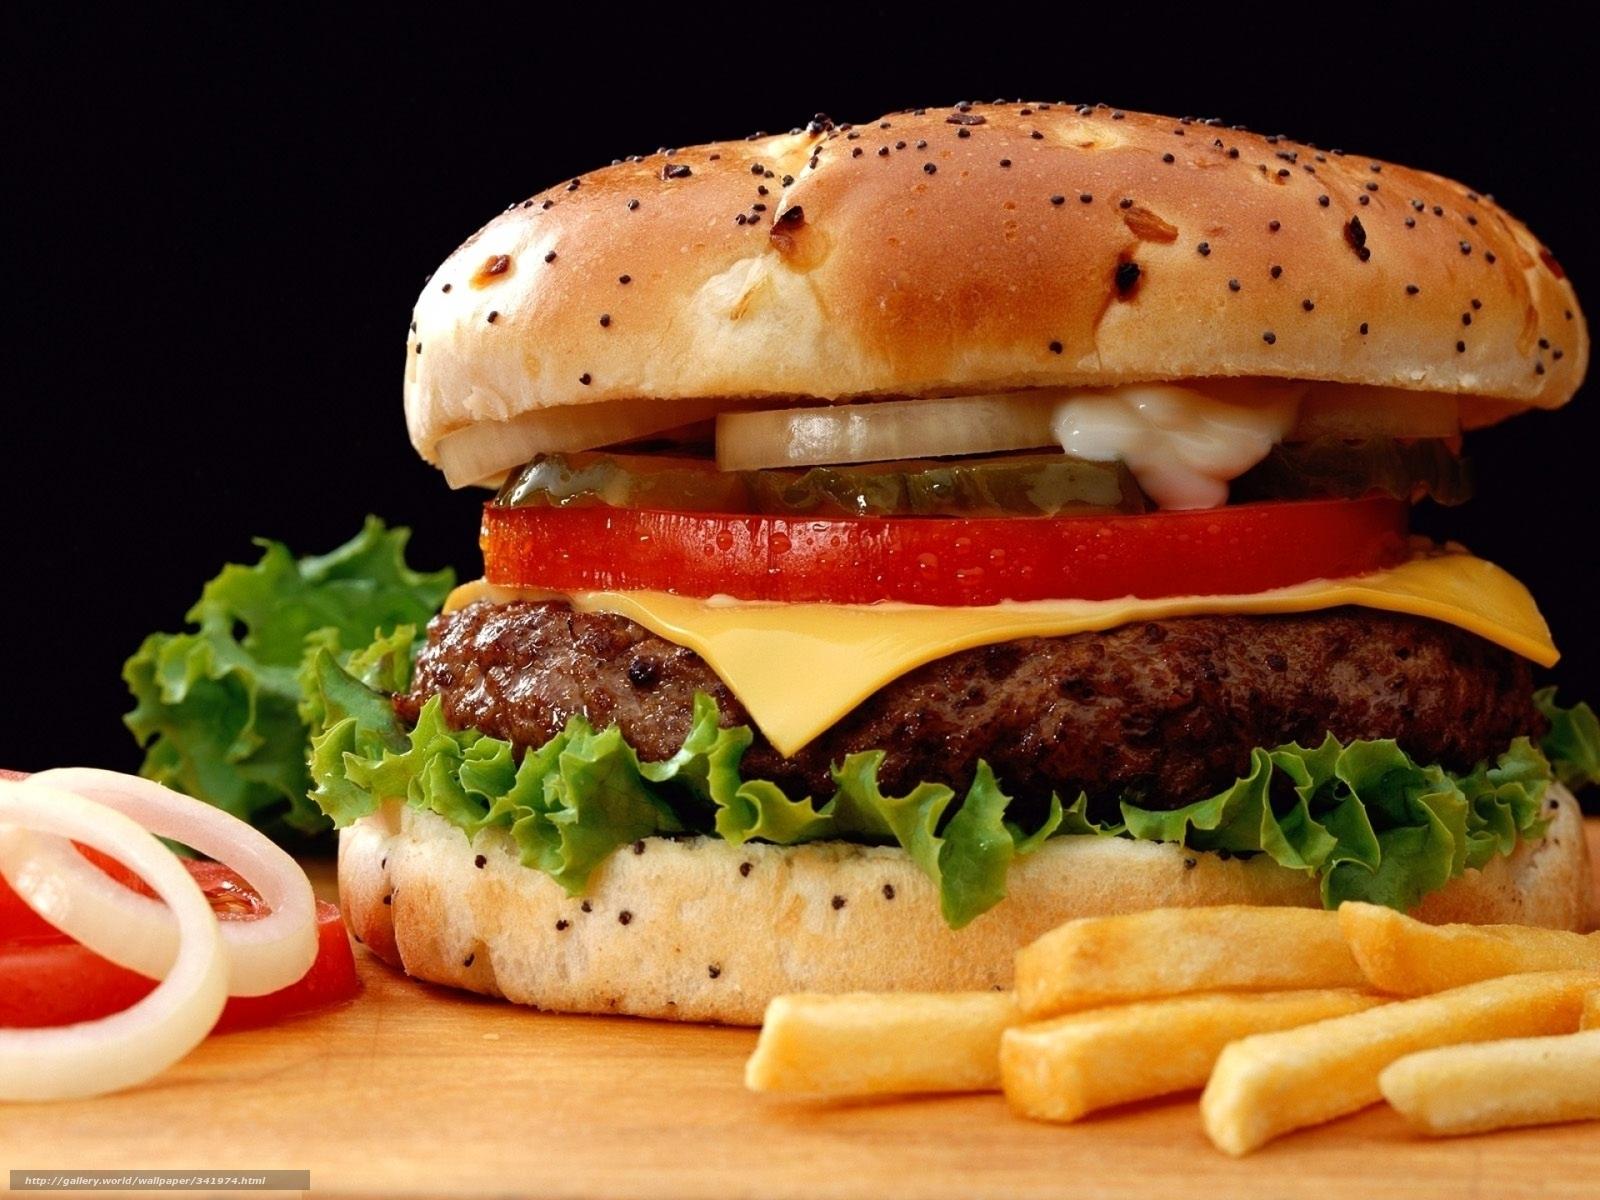 Скачать обои биг мак,  гамбургер,  бутерброд,  бургер бесплатно для рабочего стола в разрешении 1920x1440 — картинка №341974